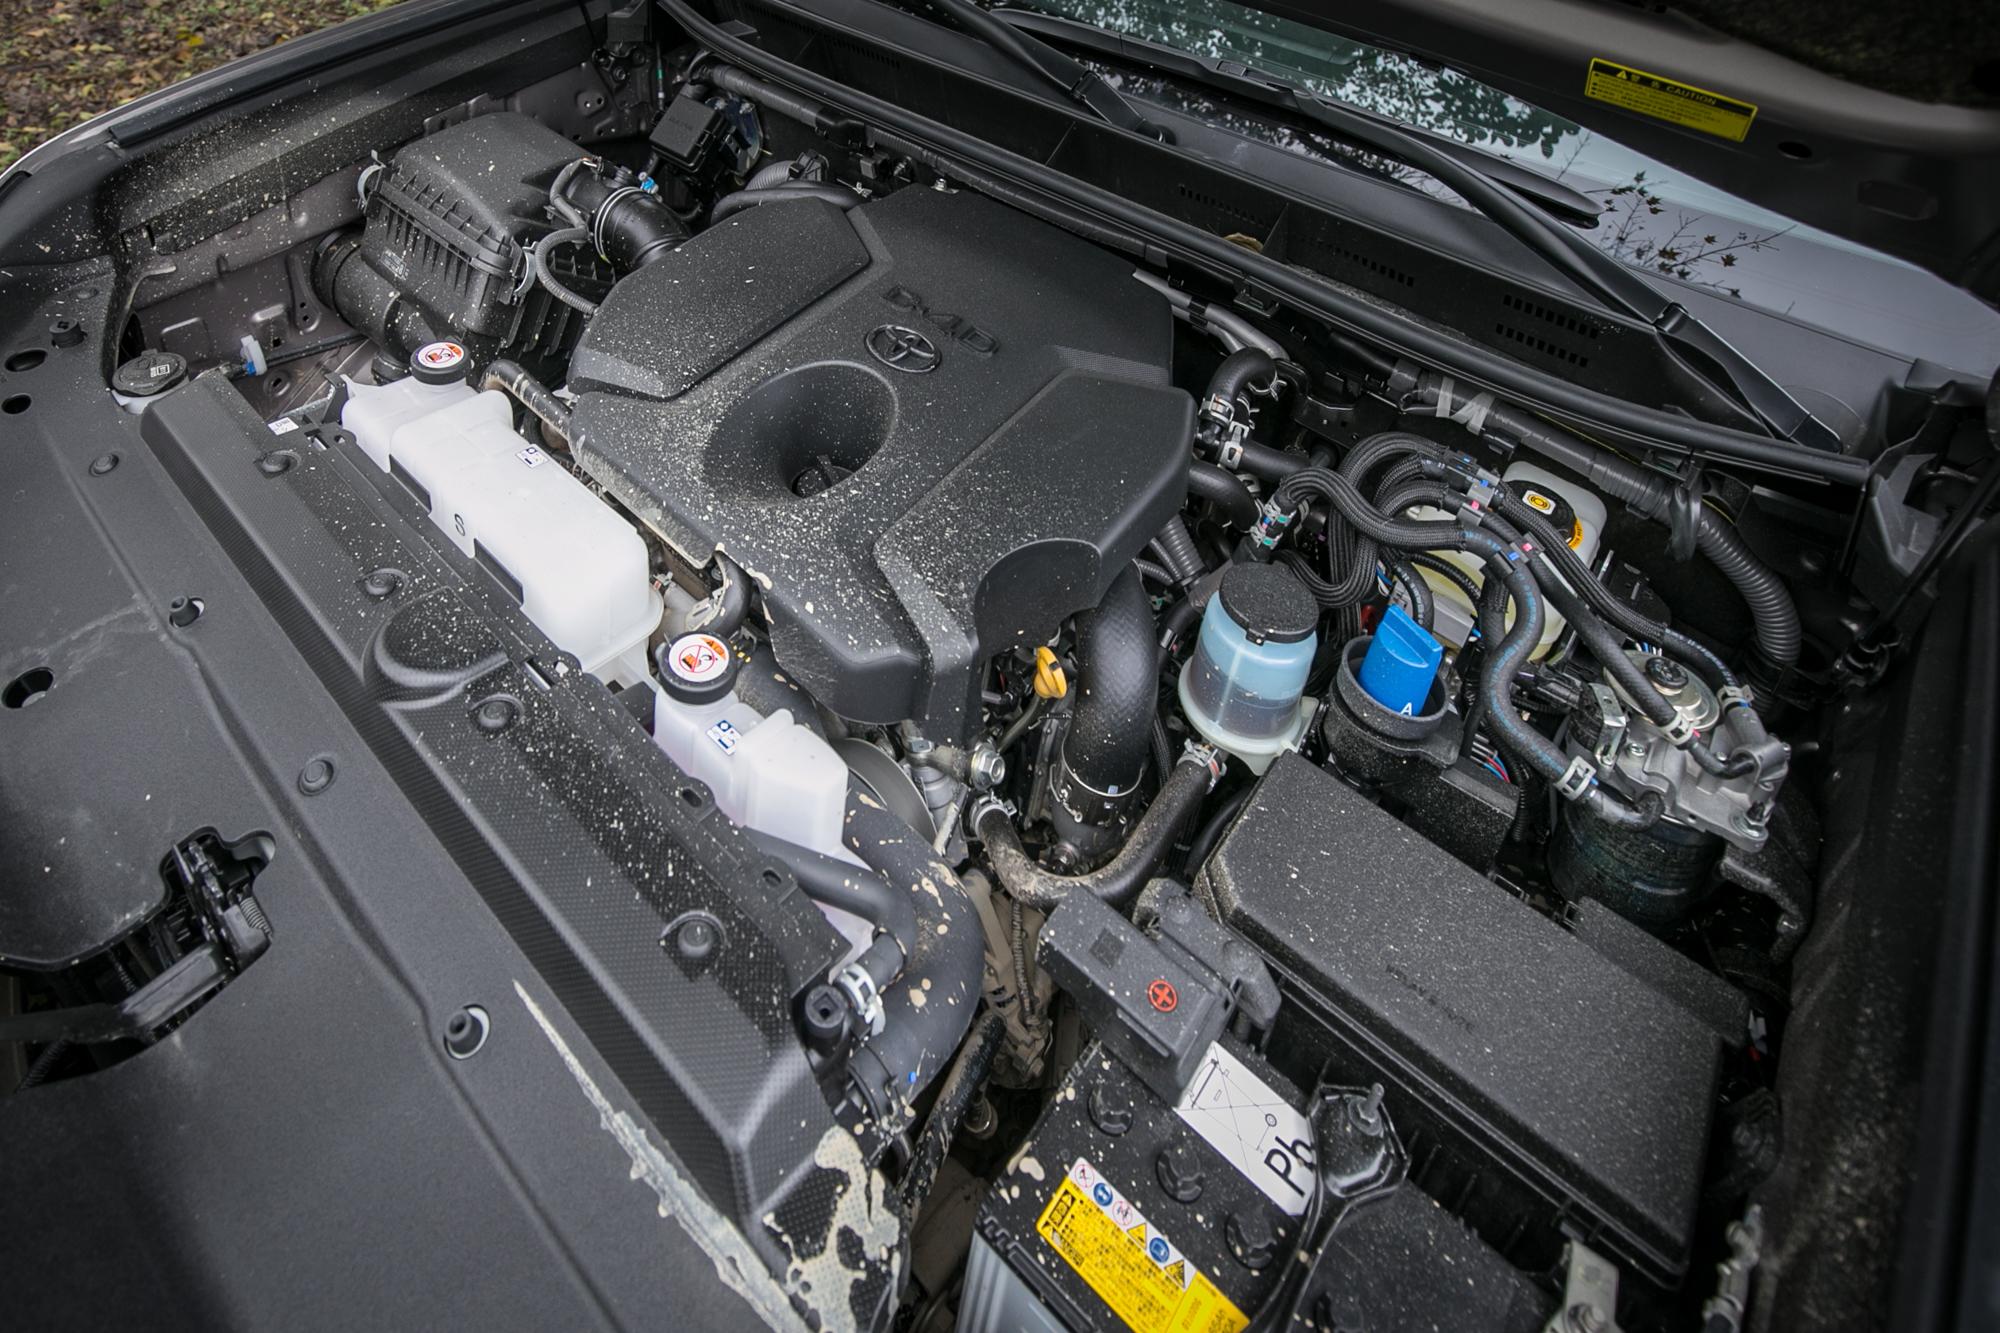 換上全新 2.8 升直列四缸柴油引擎為此次升級重點。